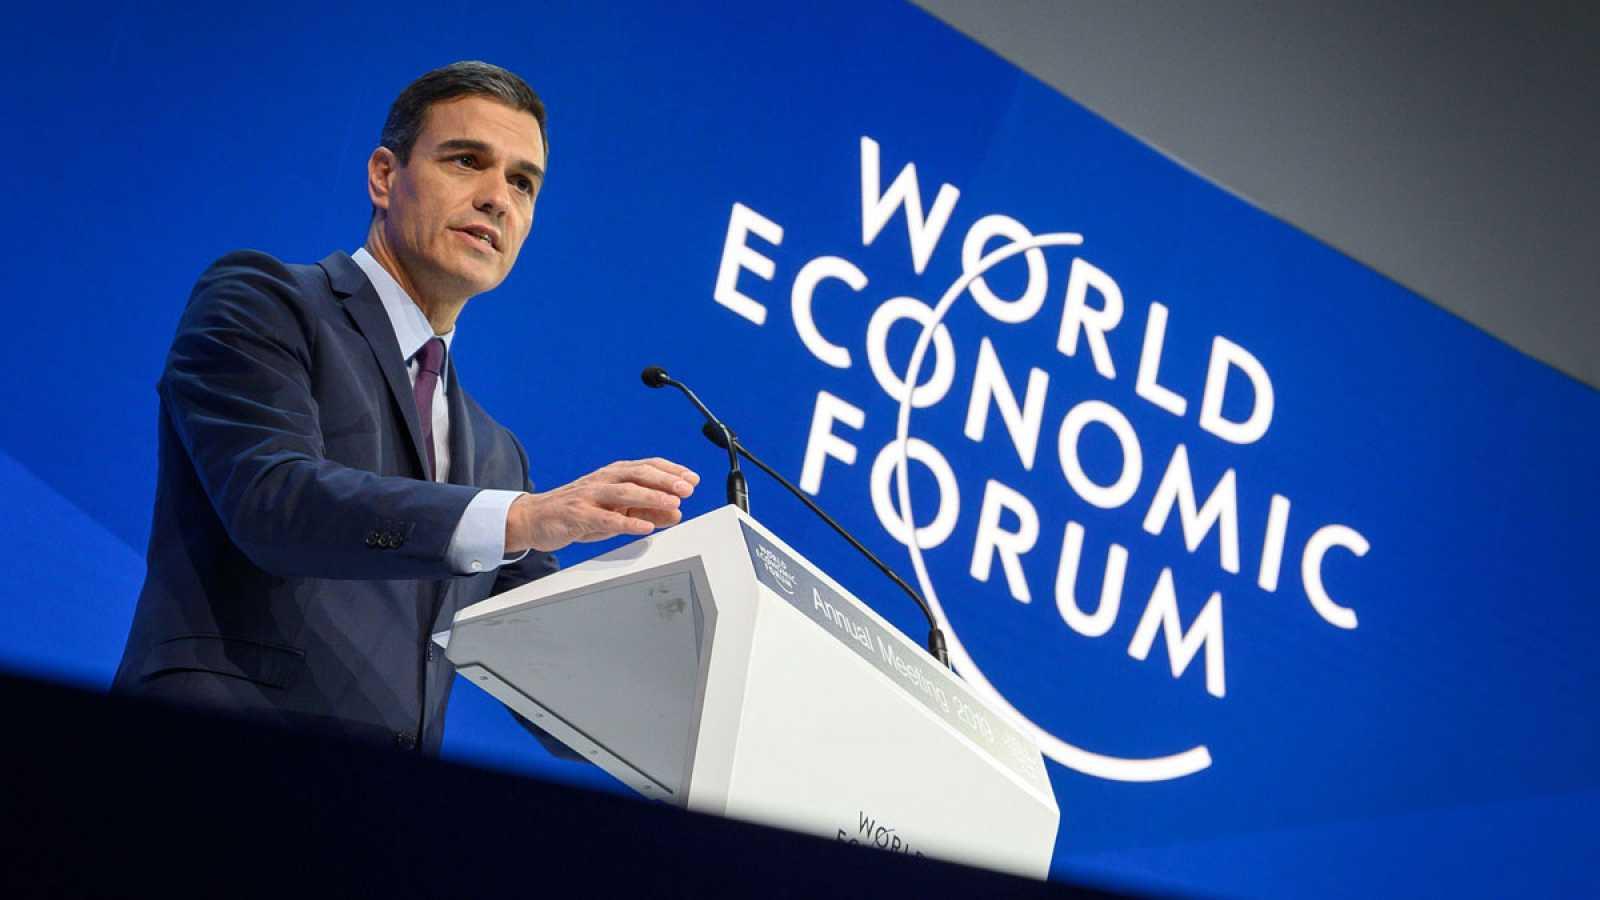 Sánchez defiende las políticas progresistas en Davos